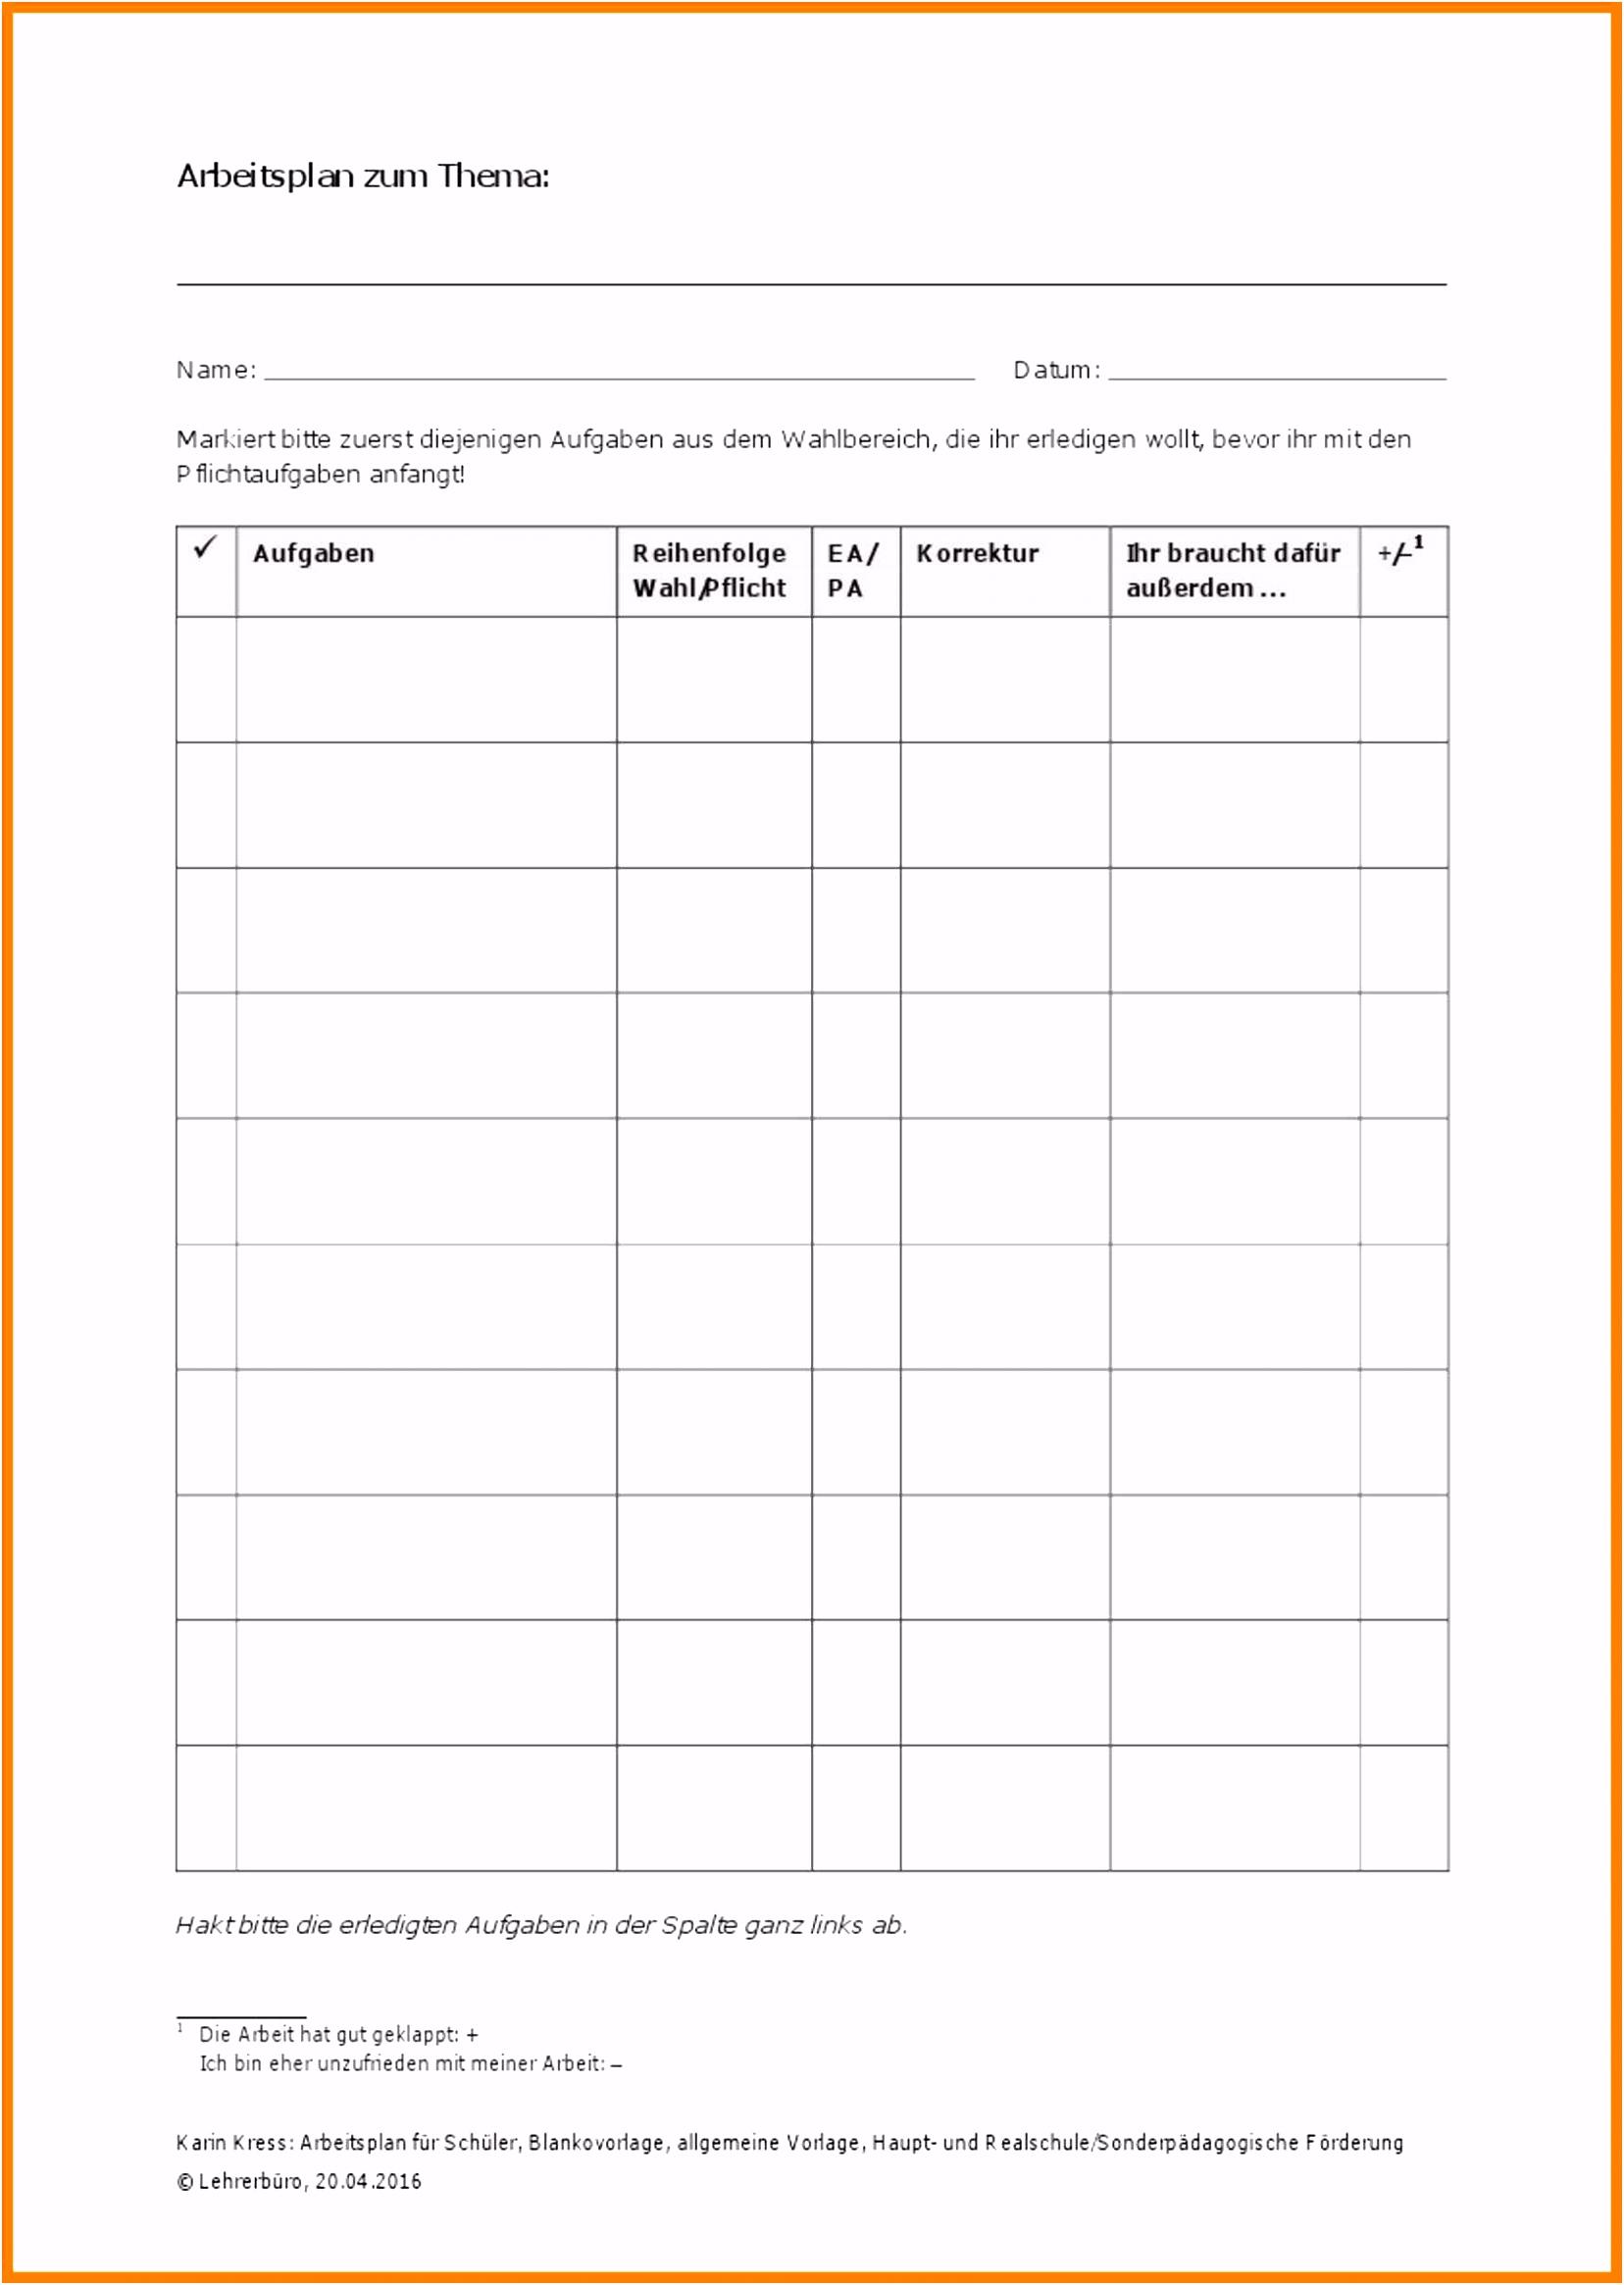 Arbeitsplan Erstellen Vorlage Arbeitsplan Vorlage Excel 15 Schichtplan Erstellen Thiswatcheas Info C9rm95slw4 Z4yyv2s5fh